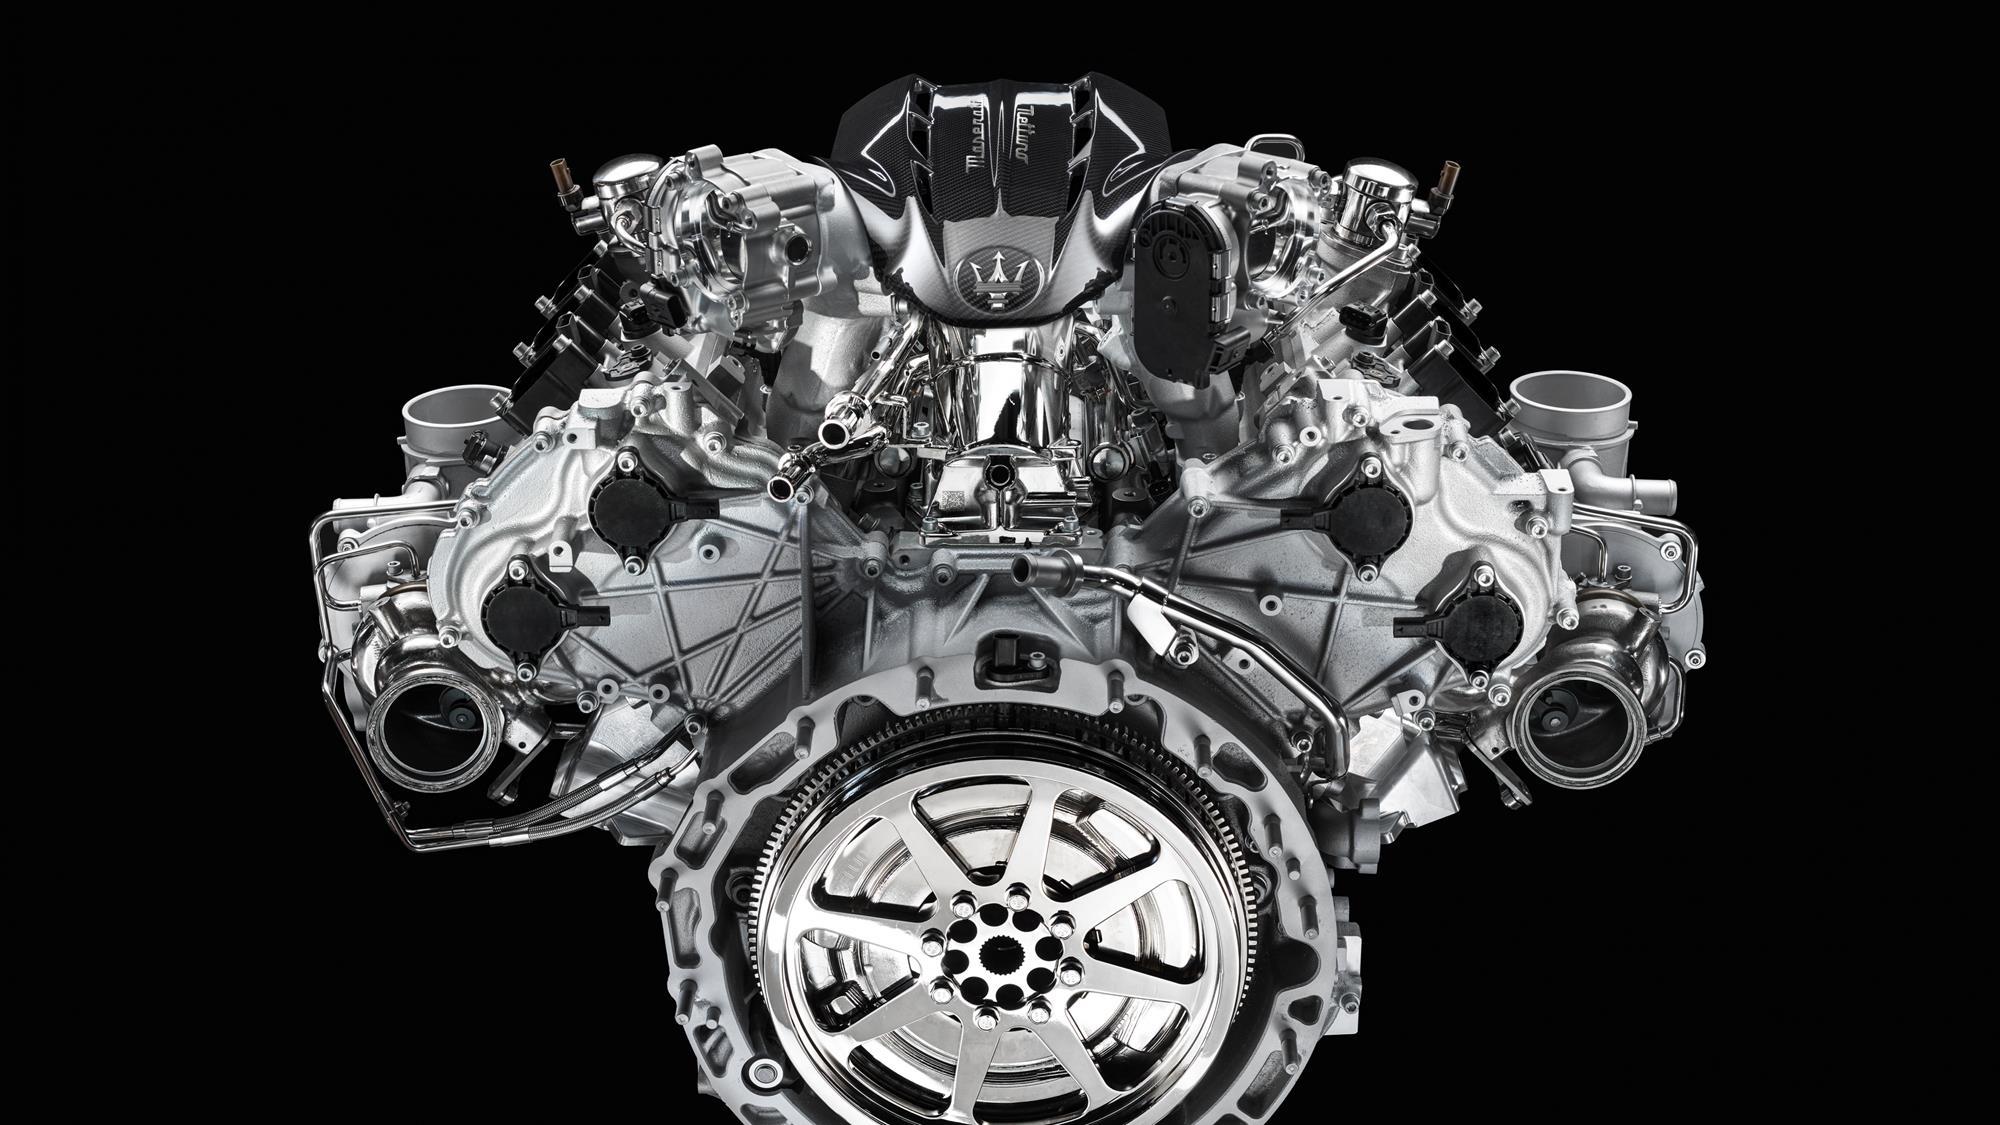 Maserati Nettuno Engine Lab v6 3.0